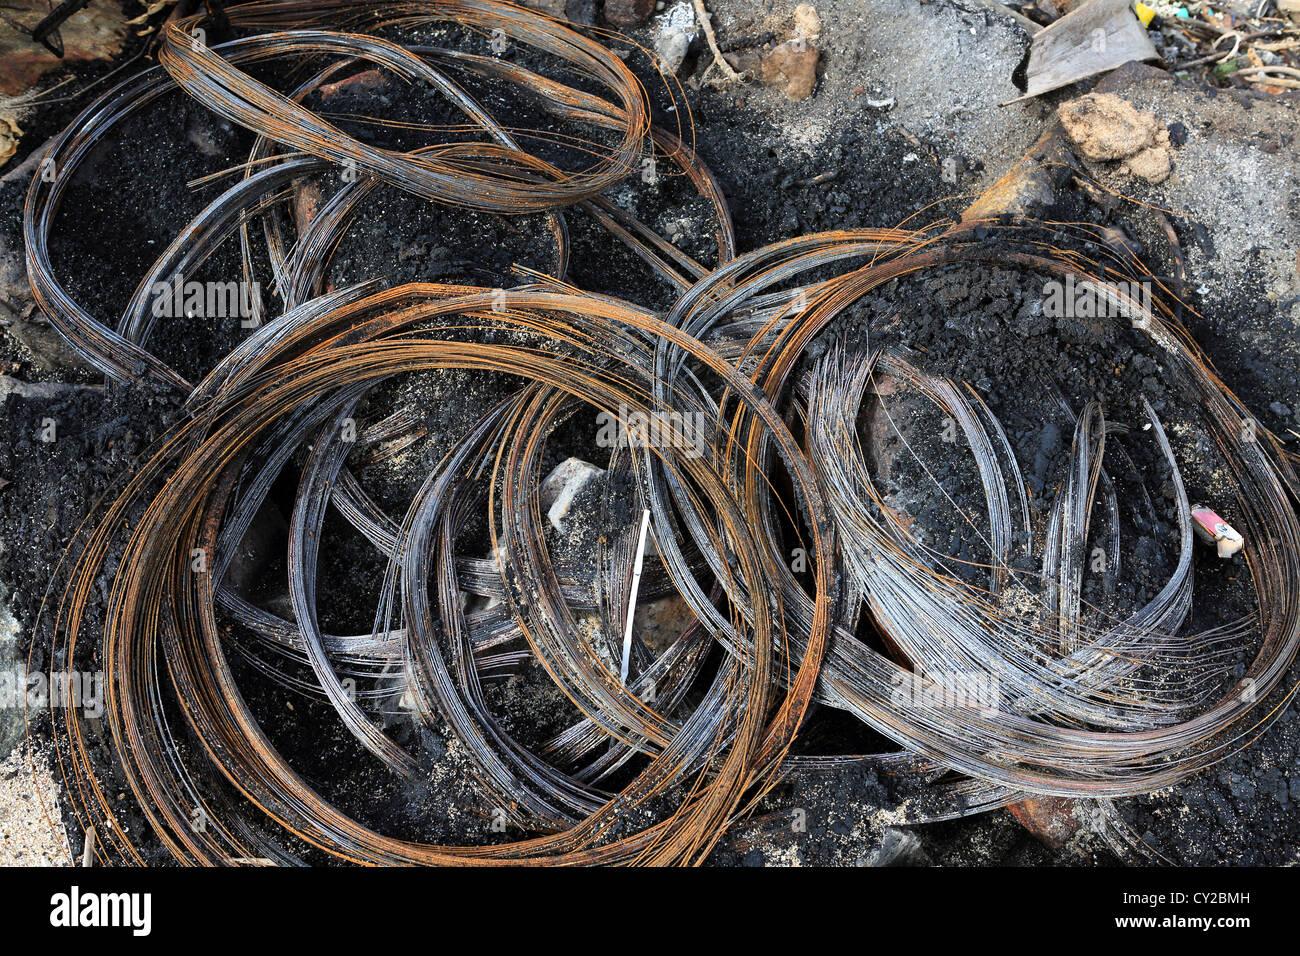 Filo di acciaio rimane di bruciato pneumatici del veicolo su dello Sri Lanka beach Immagini Stock